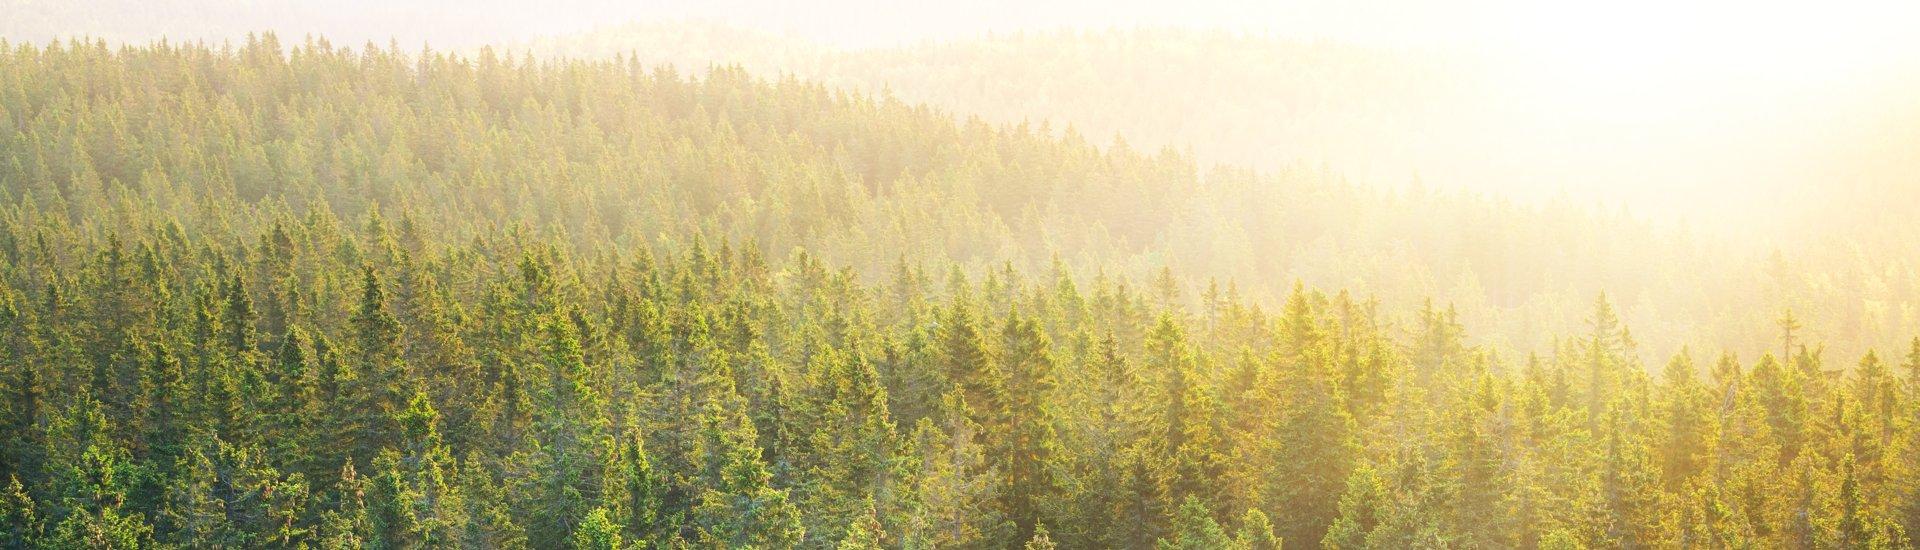 Wald Pinie